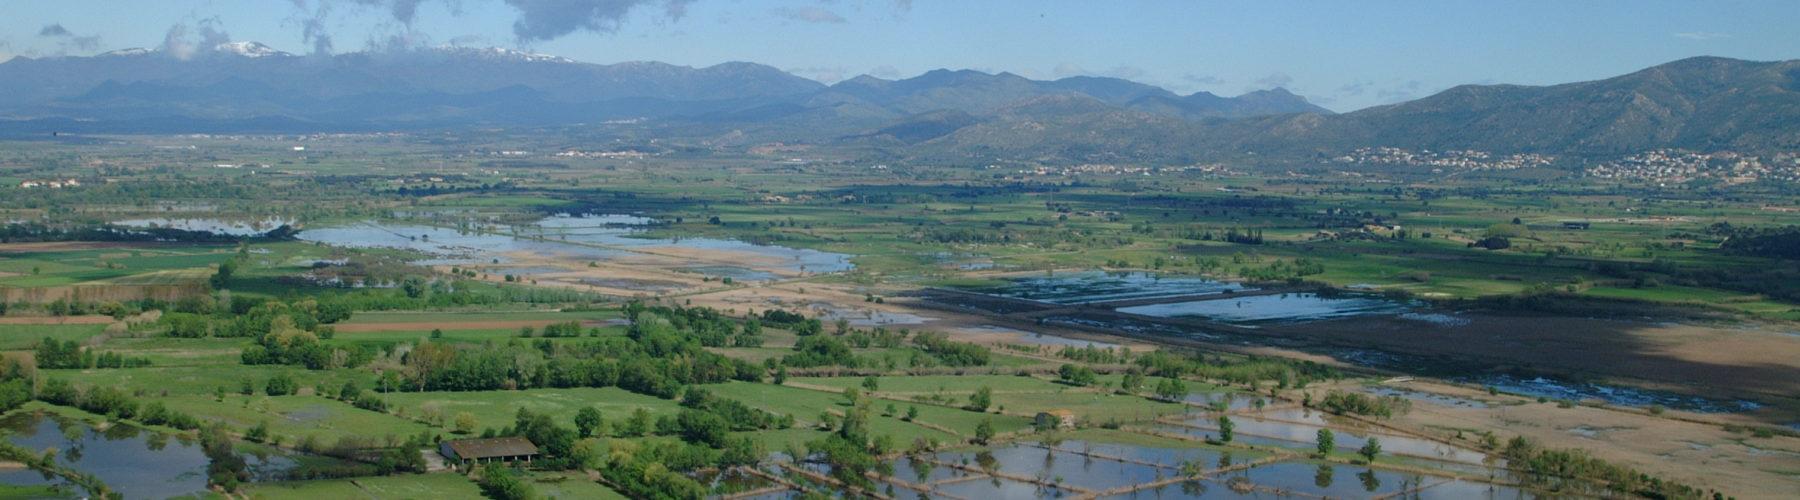 Parc Natural dels Aiguamolls de l'Empordaturisme